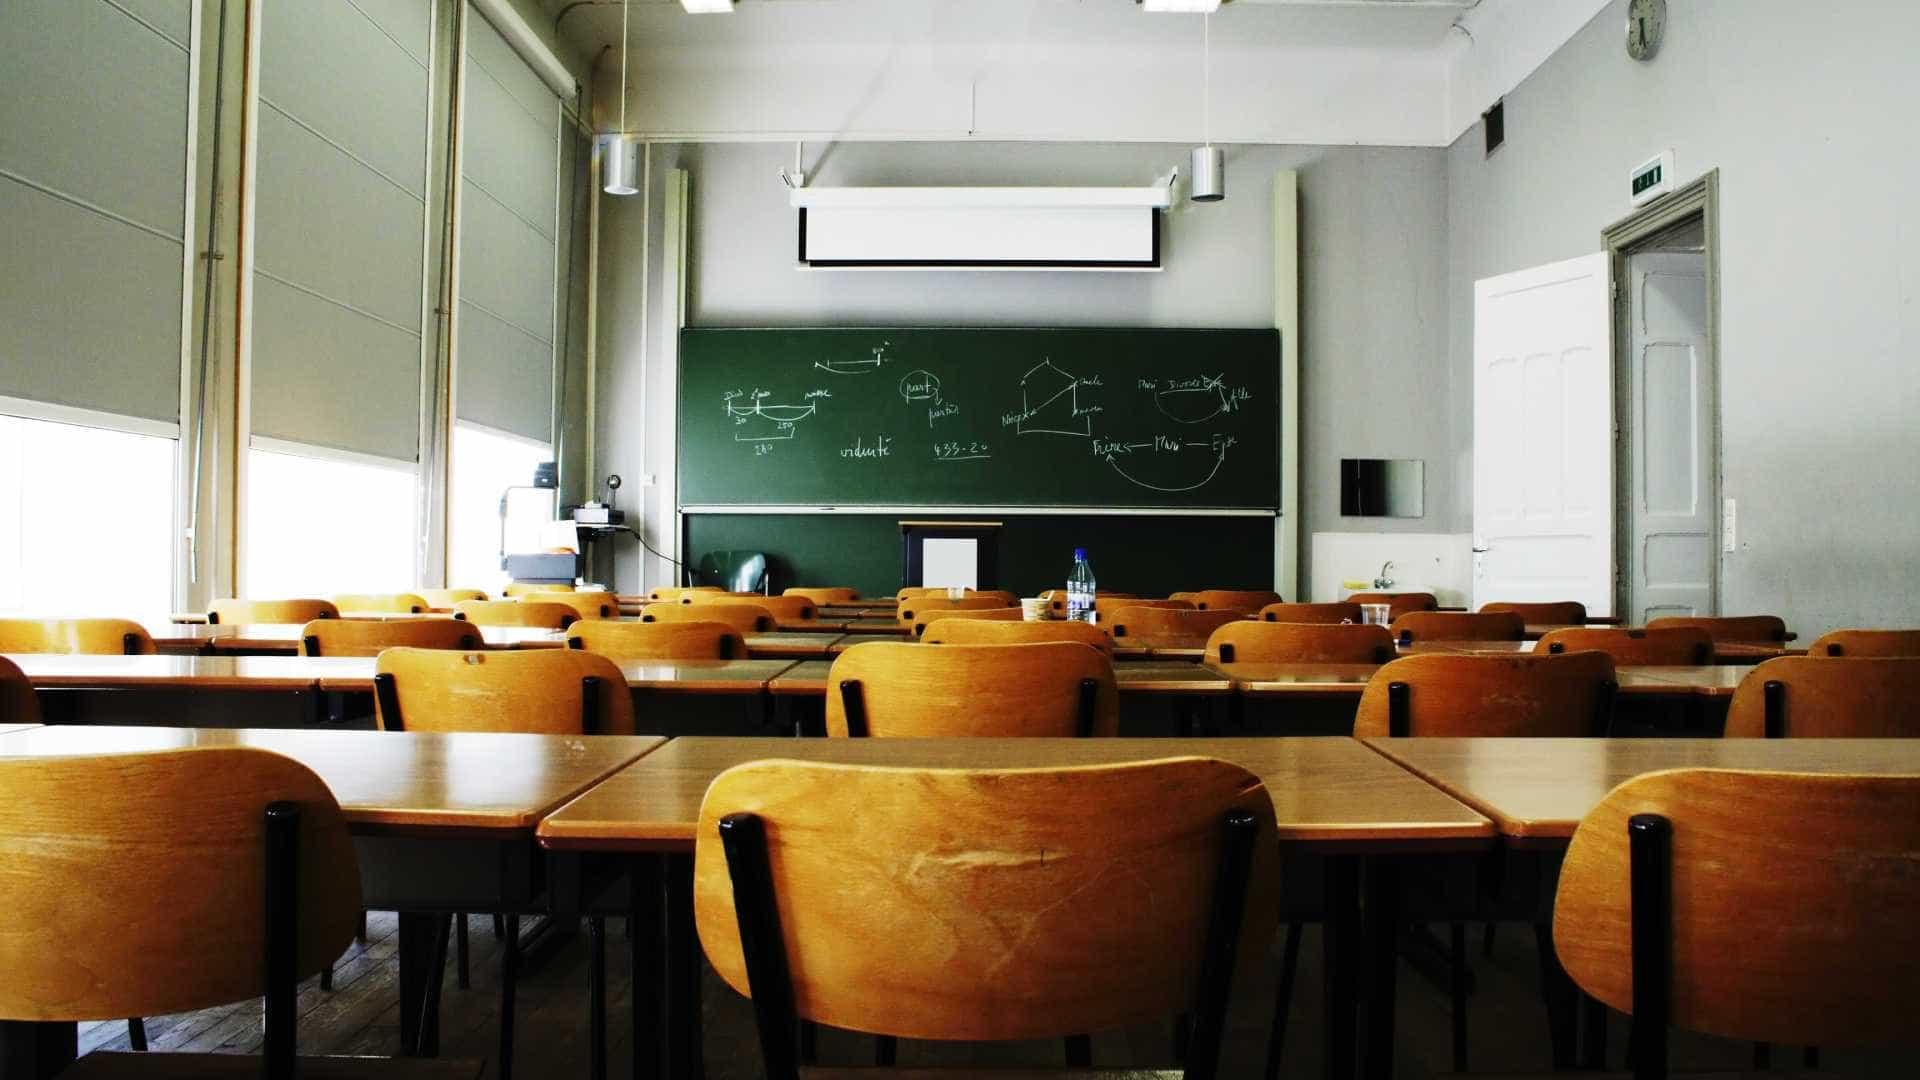 - naom 588a76f5b09d0 - Neste país, professores feios não podem dar aulas. E há outras regras